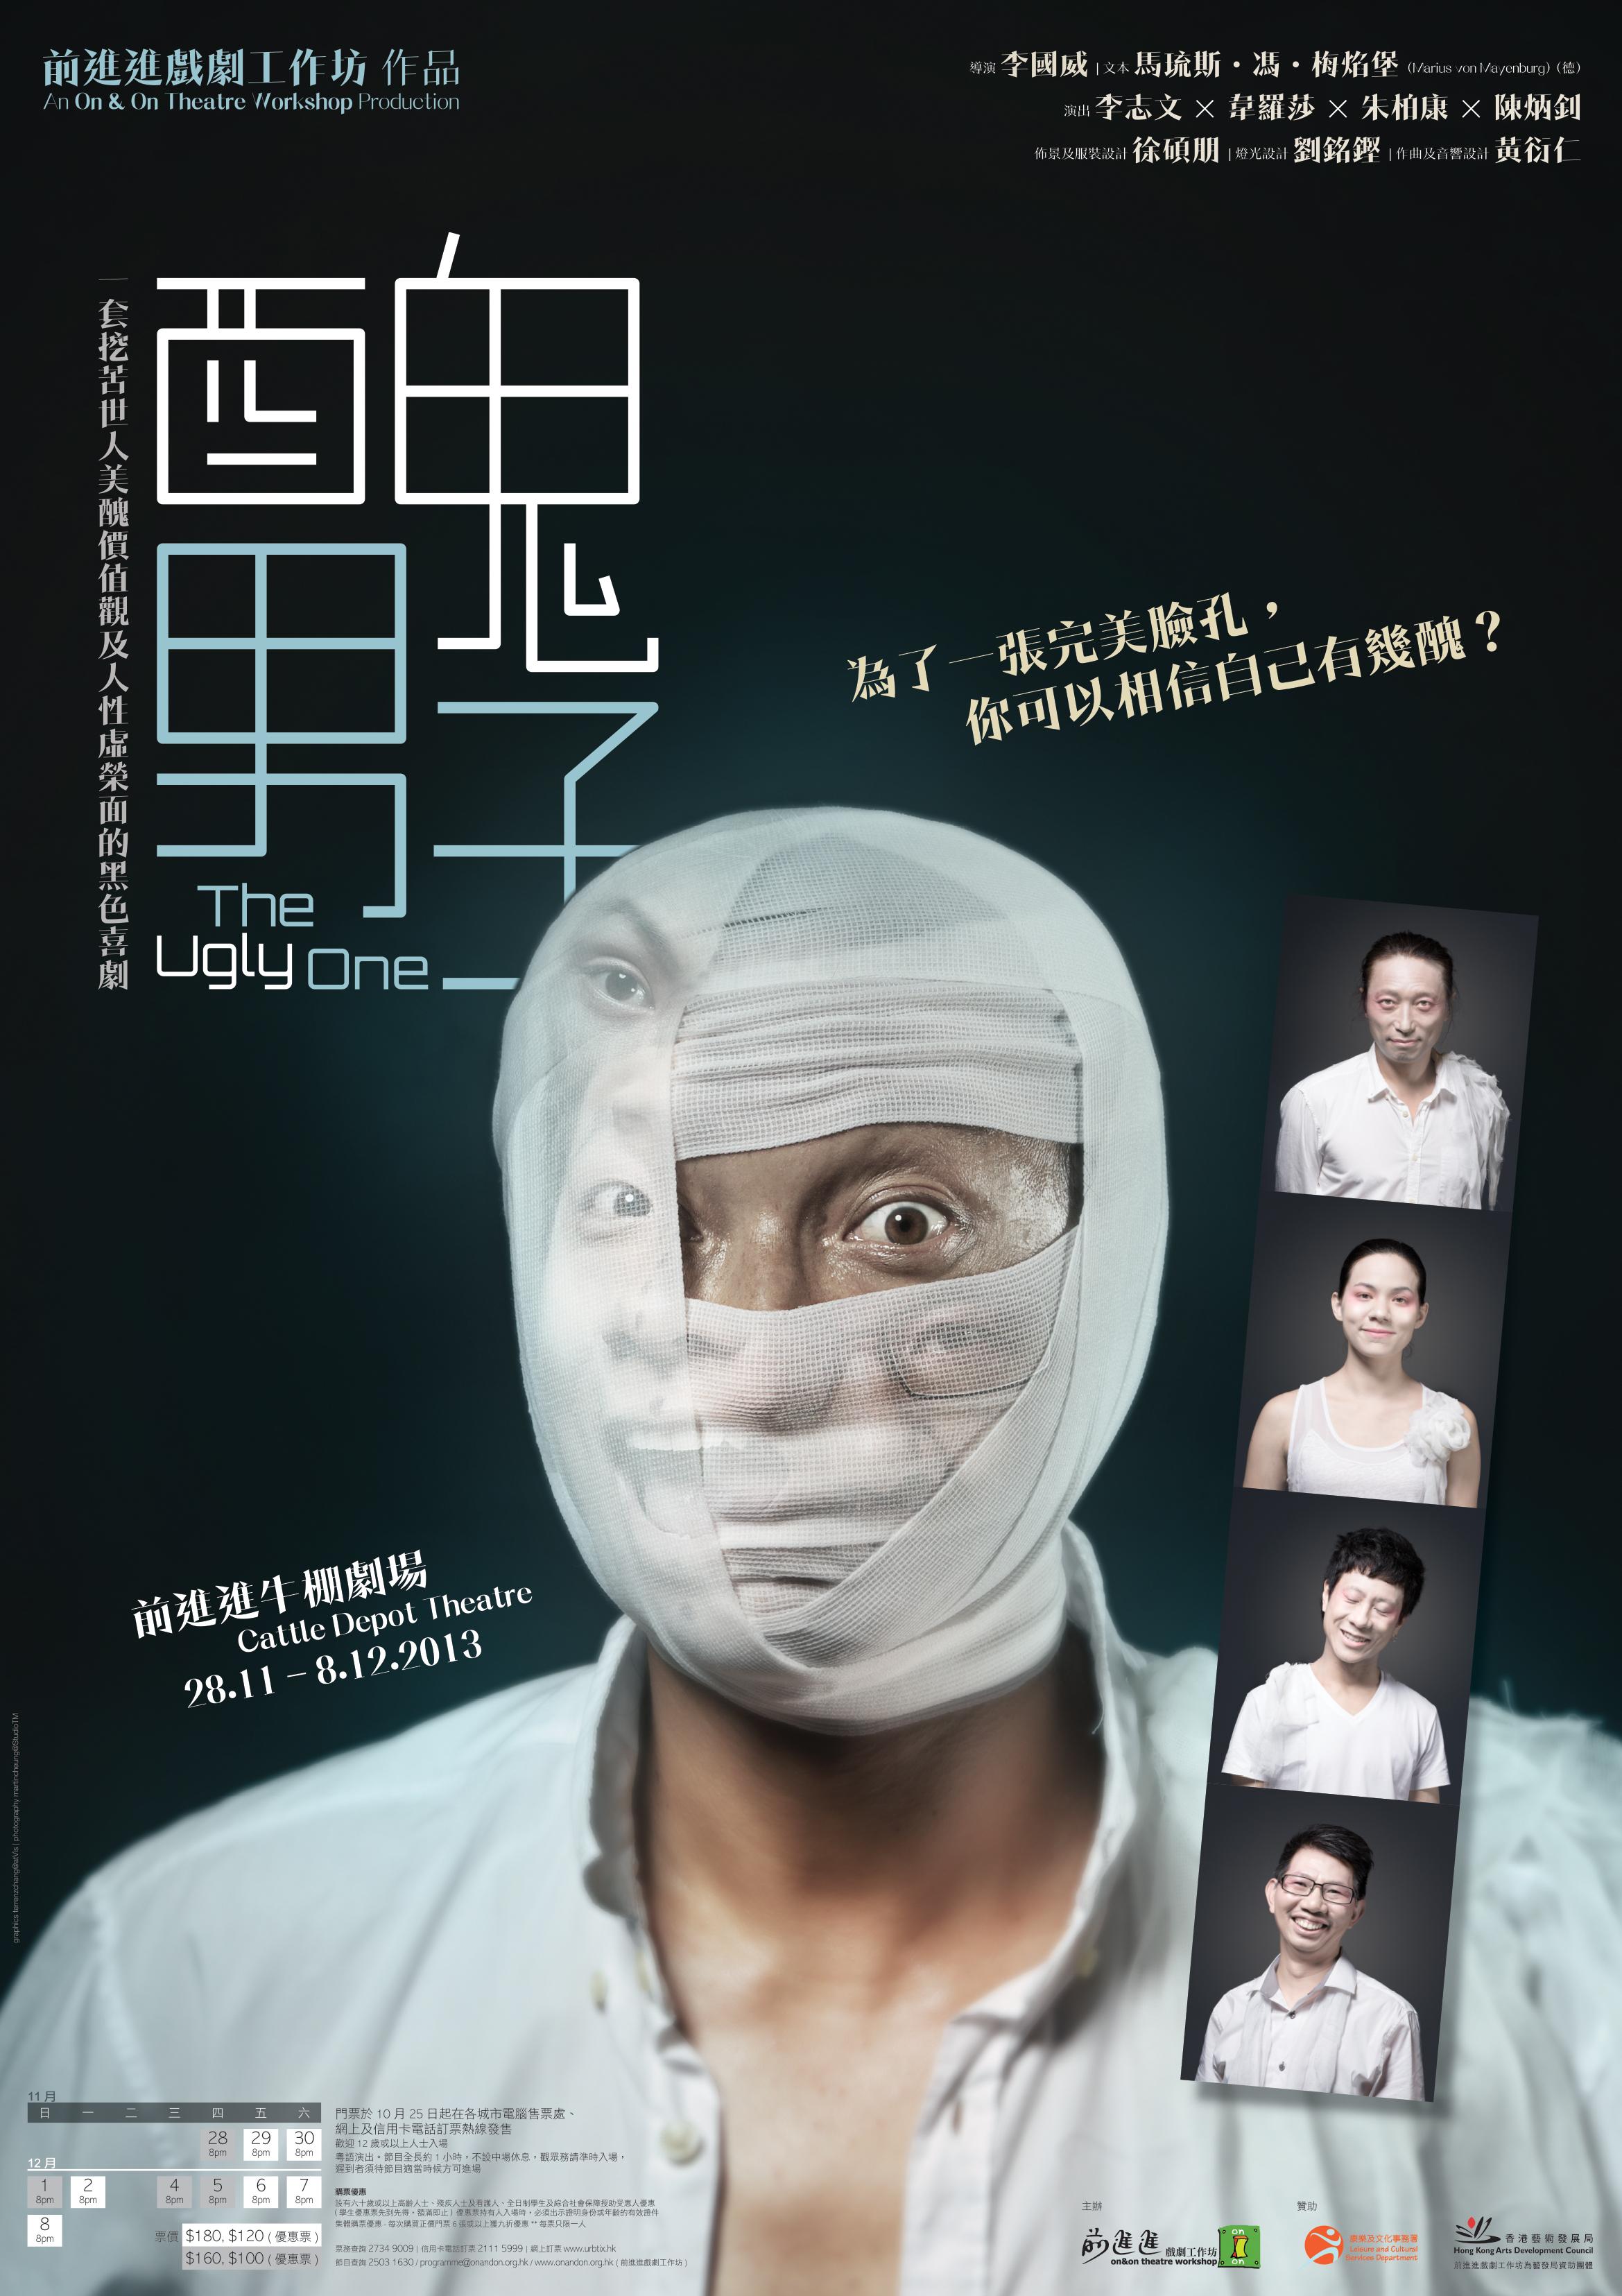 28/11-8/12/2013 - 前進進牛棚劇場